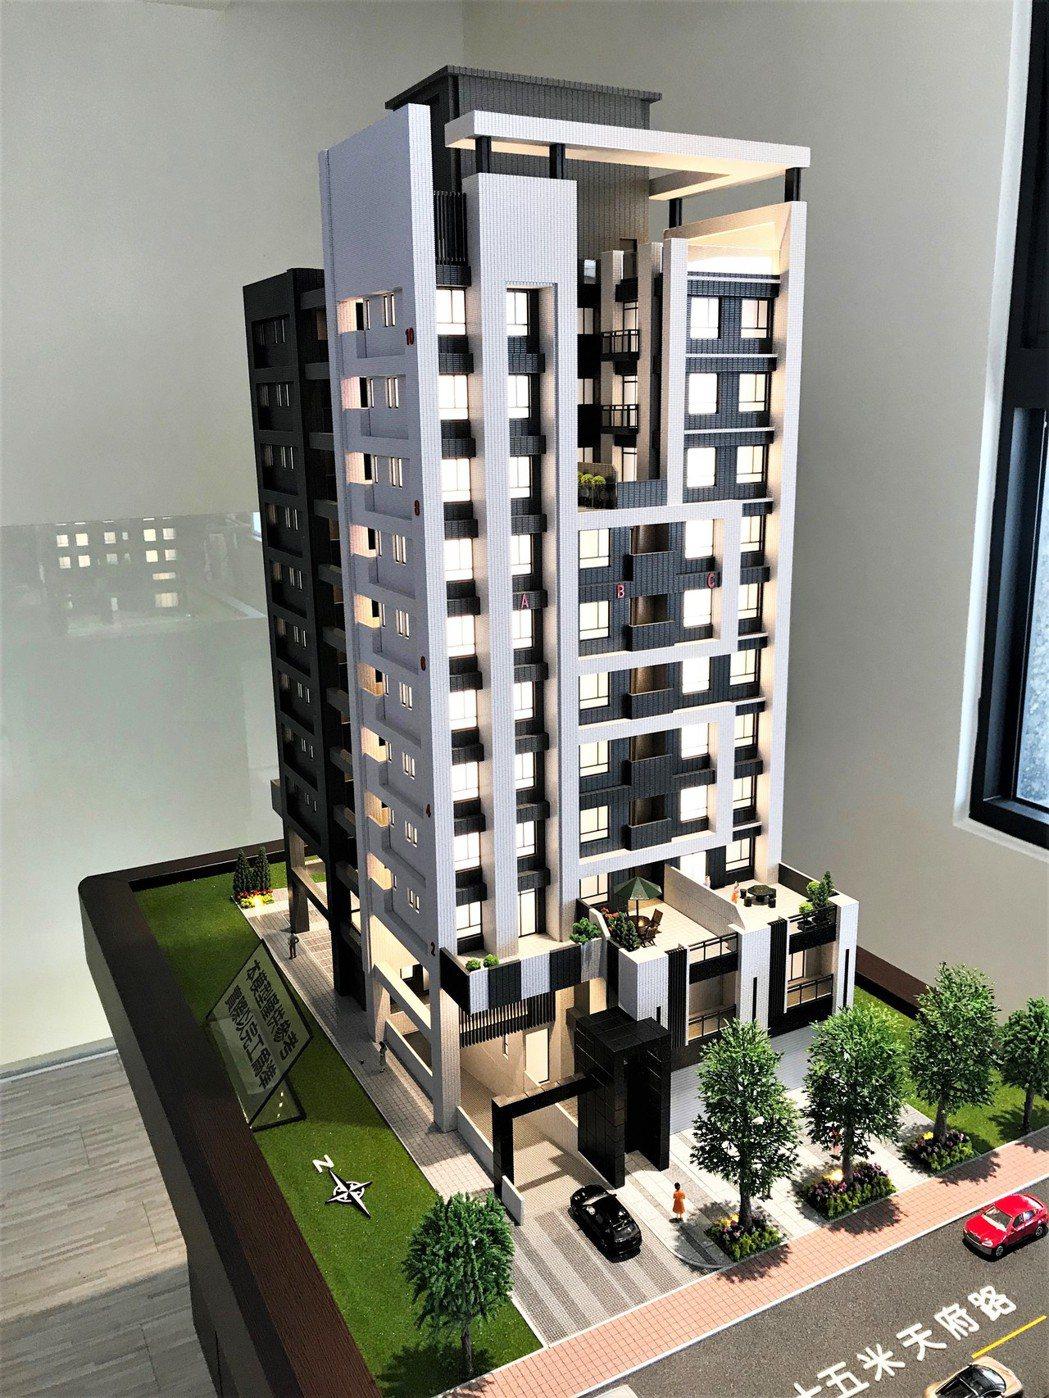 京茂Harbor 1以「超親民房價、品質不打折」 訴求,打出市場震撼價300萬元...